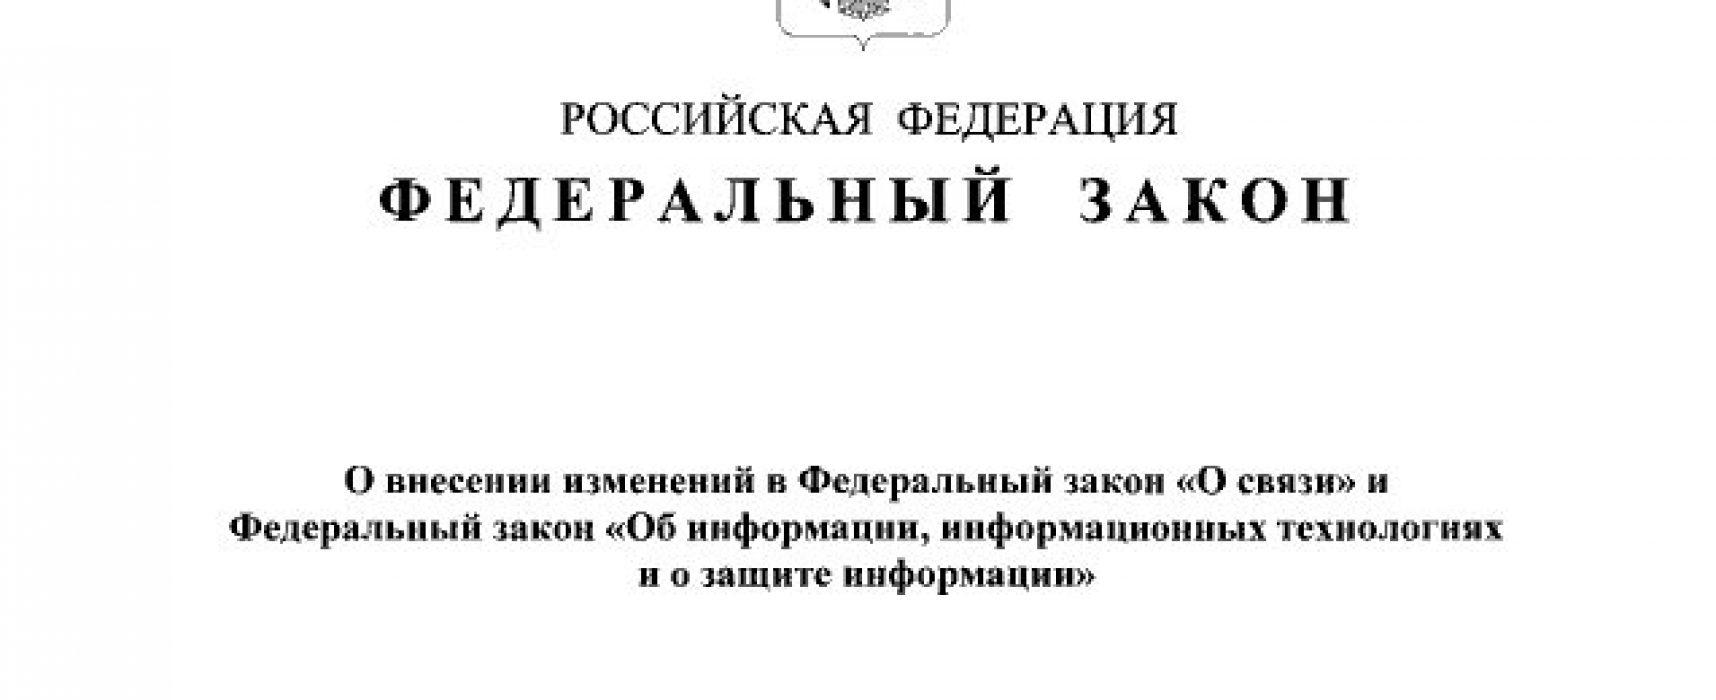 Путин подписал закон об изоляции российского интернета